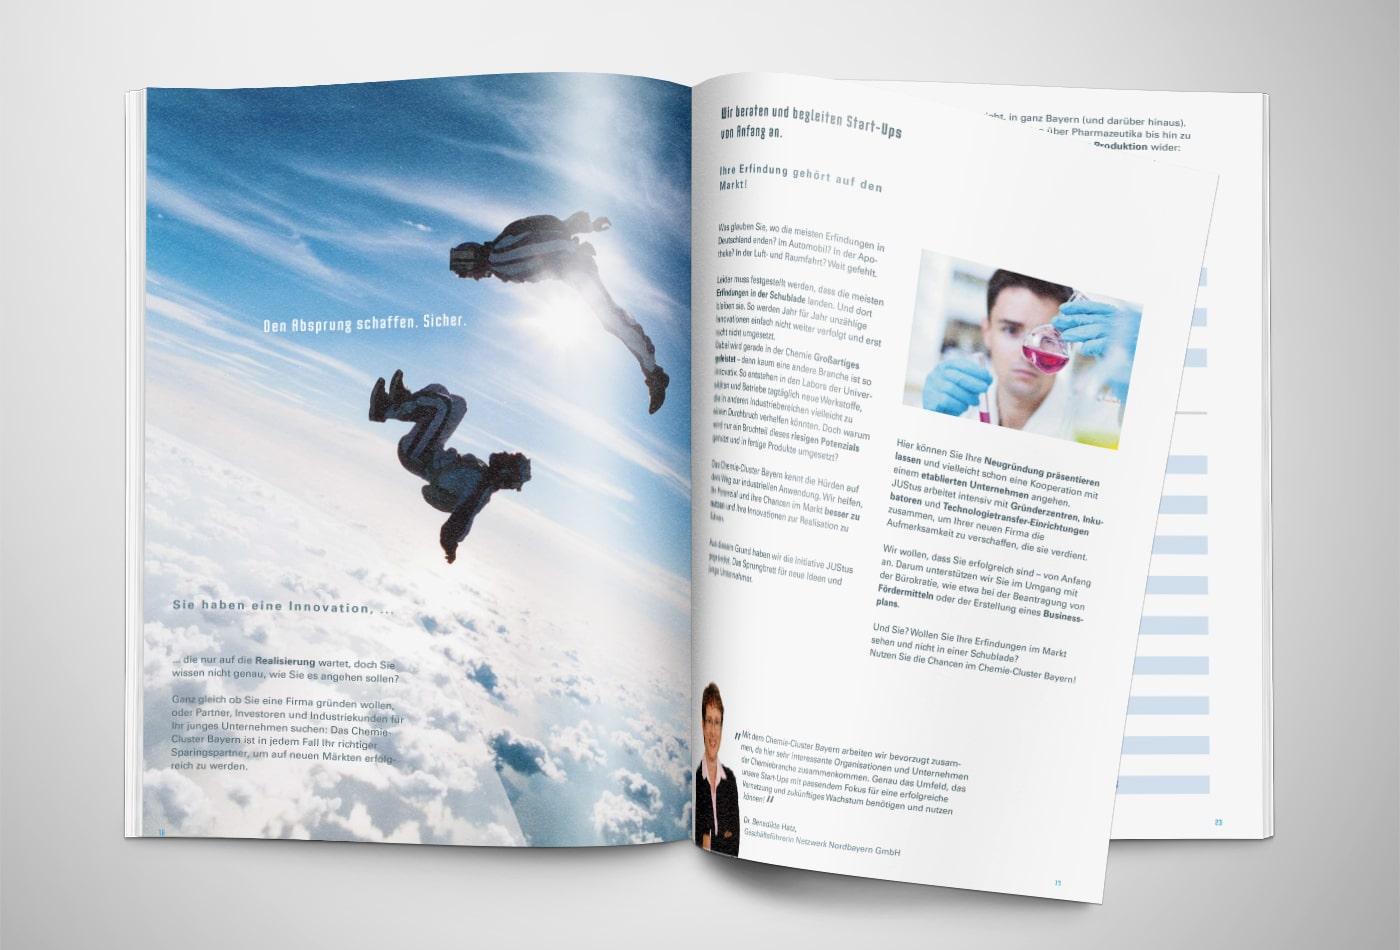 wildefreunde-kunde-chemiecluster-magazin-innenseiten-1400x950-min